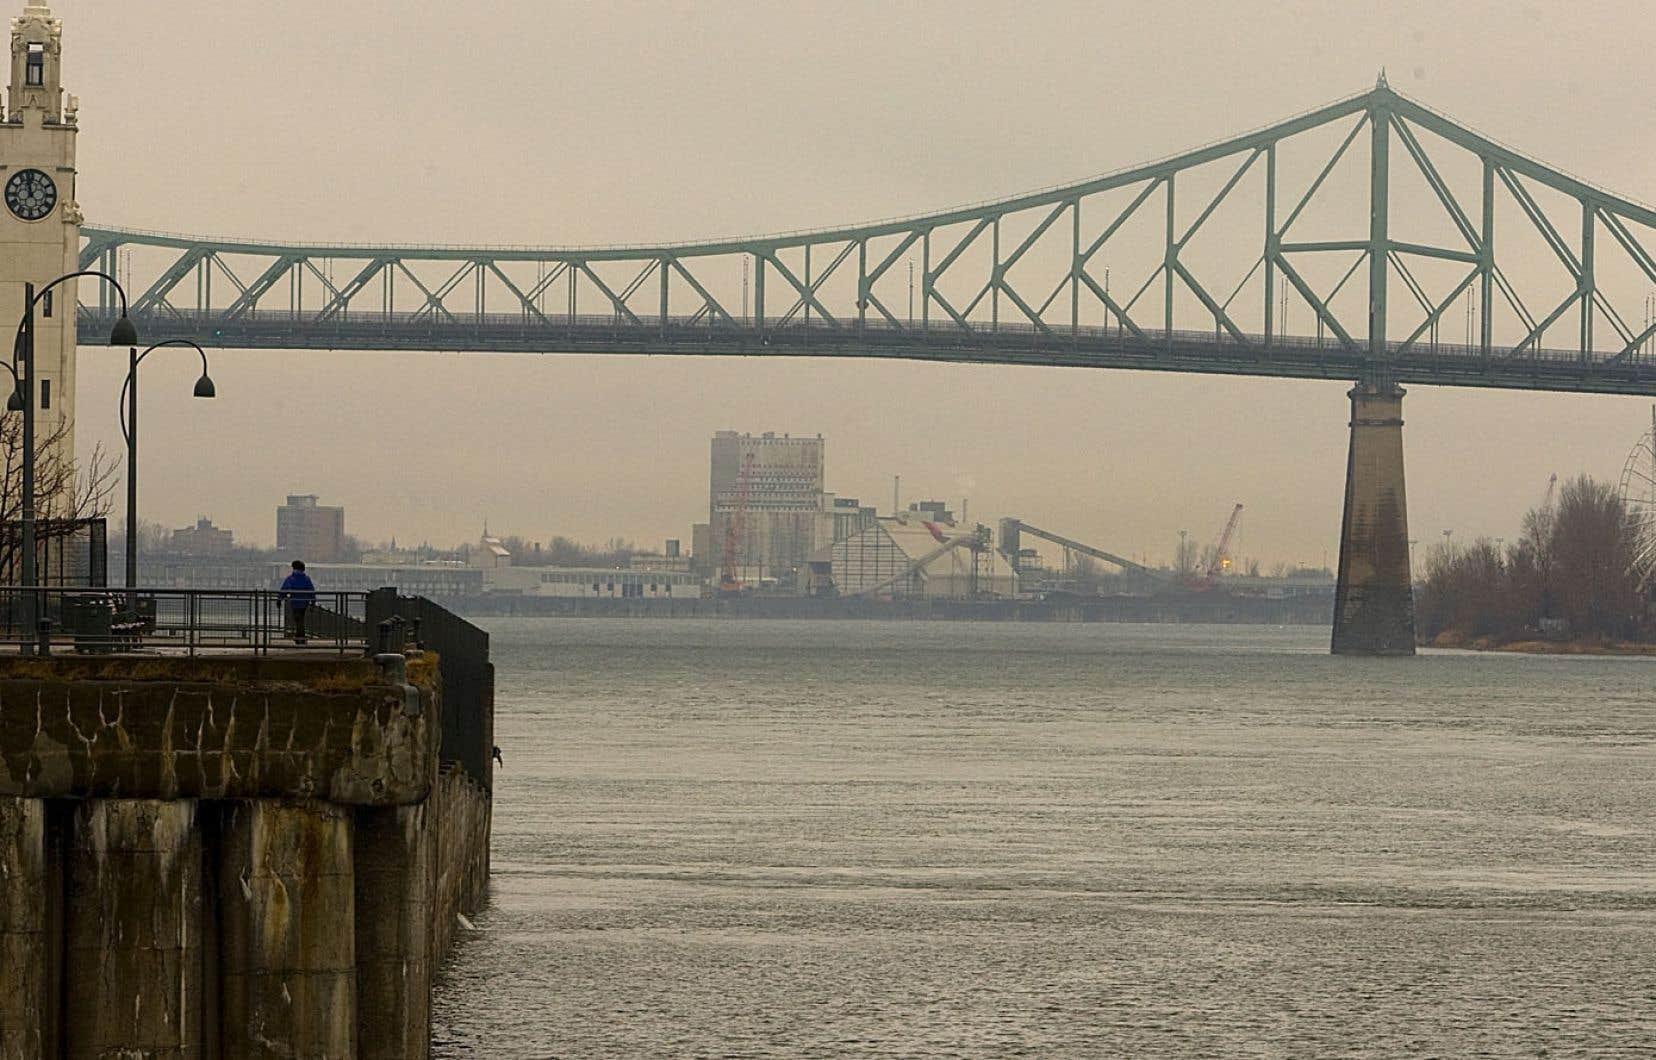 L'implantation d'un péage sur l'ensemble des ponts autour de Montréal n'est pas exclue parla Communauté métropolitaine de Montréal.